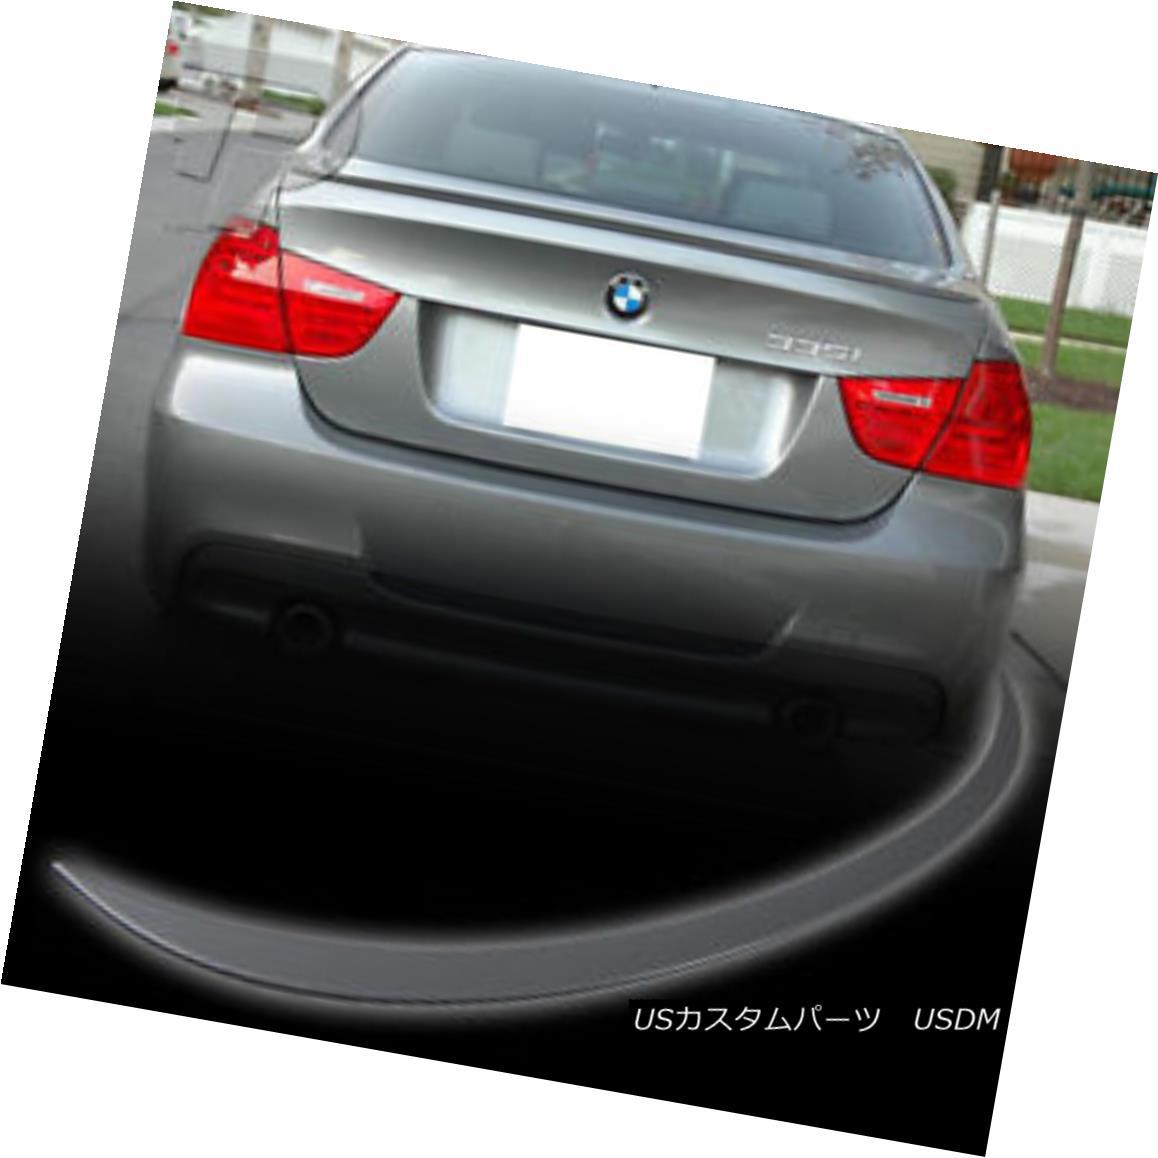 エアロパーツ PAINTED # A52 BMW 3-SERIES E90 4DR SEDAN M3 TYPE REAR TRUNK SPOILER ABS 塗装#A52 BMW 3シリーズE90 4DRセダンM3タイプリアTRUNKスポイラーABS